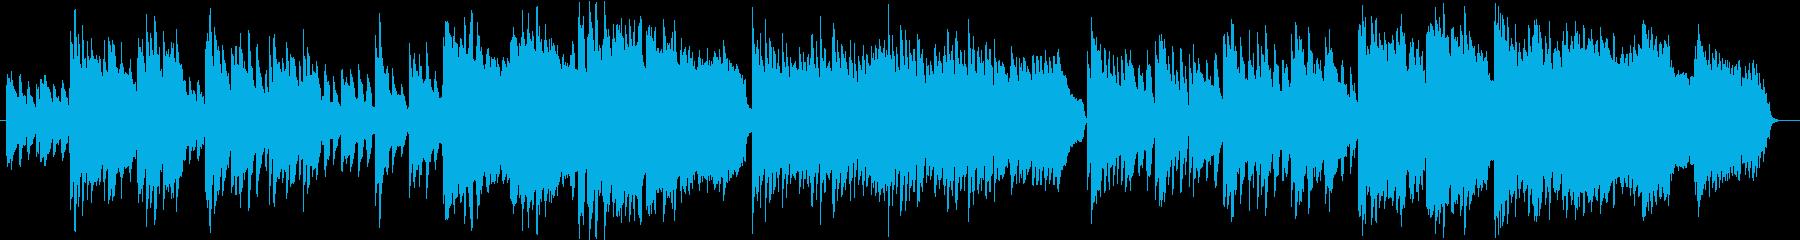 アコギ主体、穏やかな日常BGMの再生済みの波形